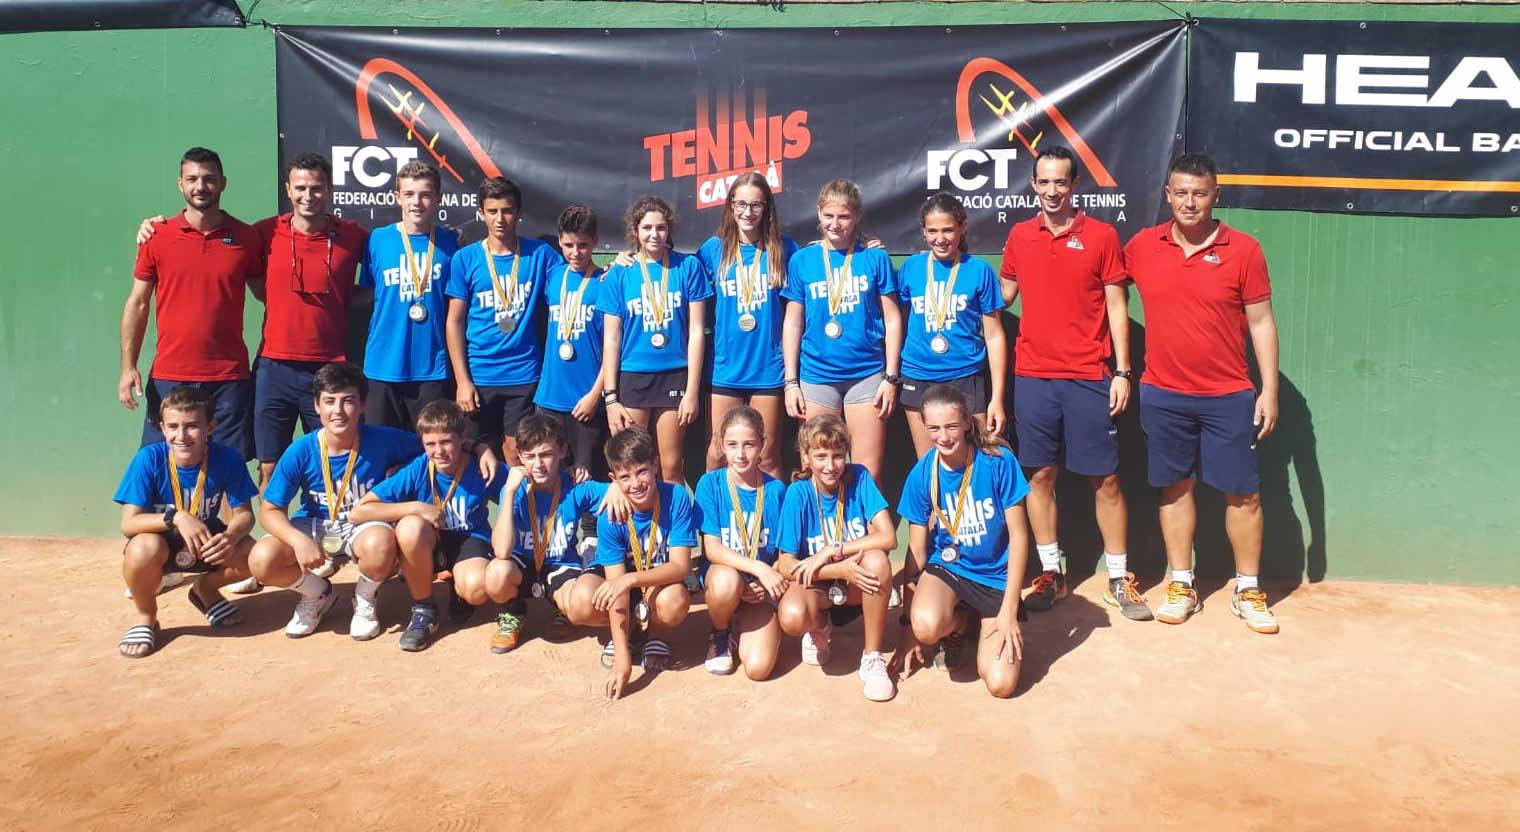 Selecció Lleidatana de Tennis